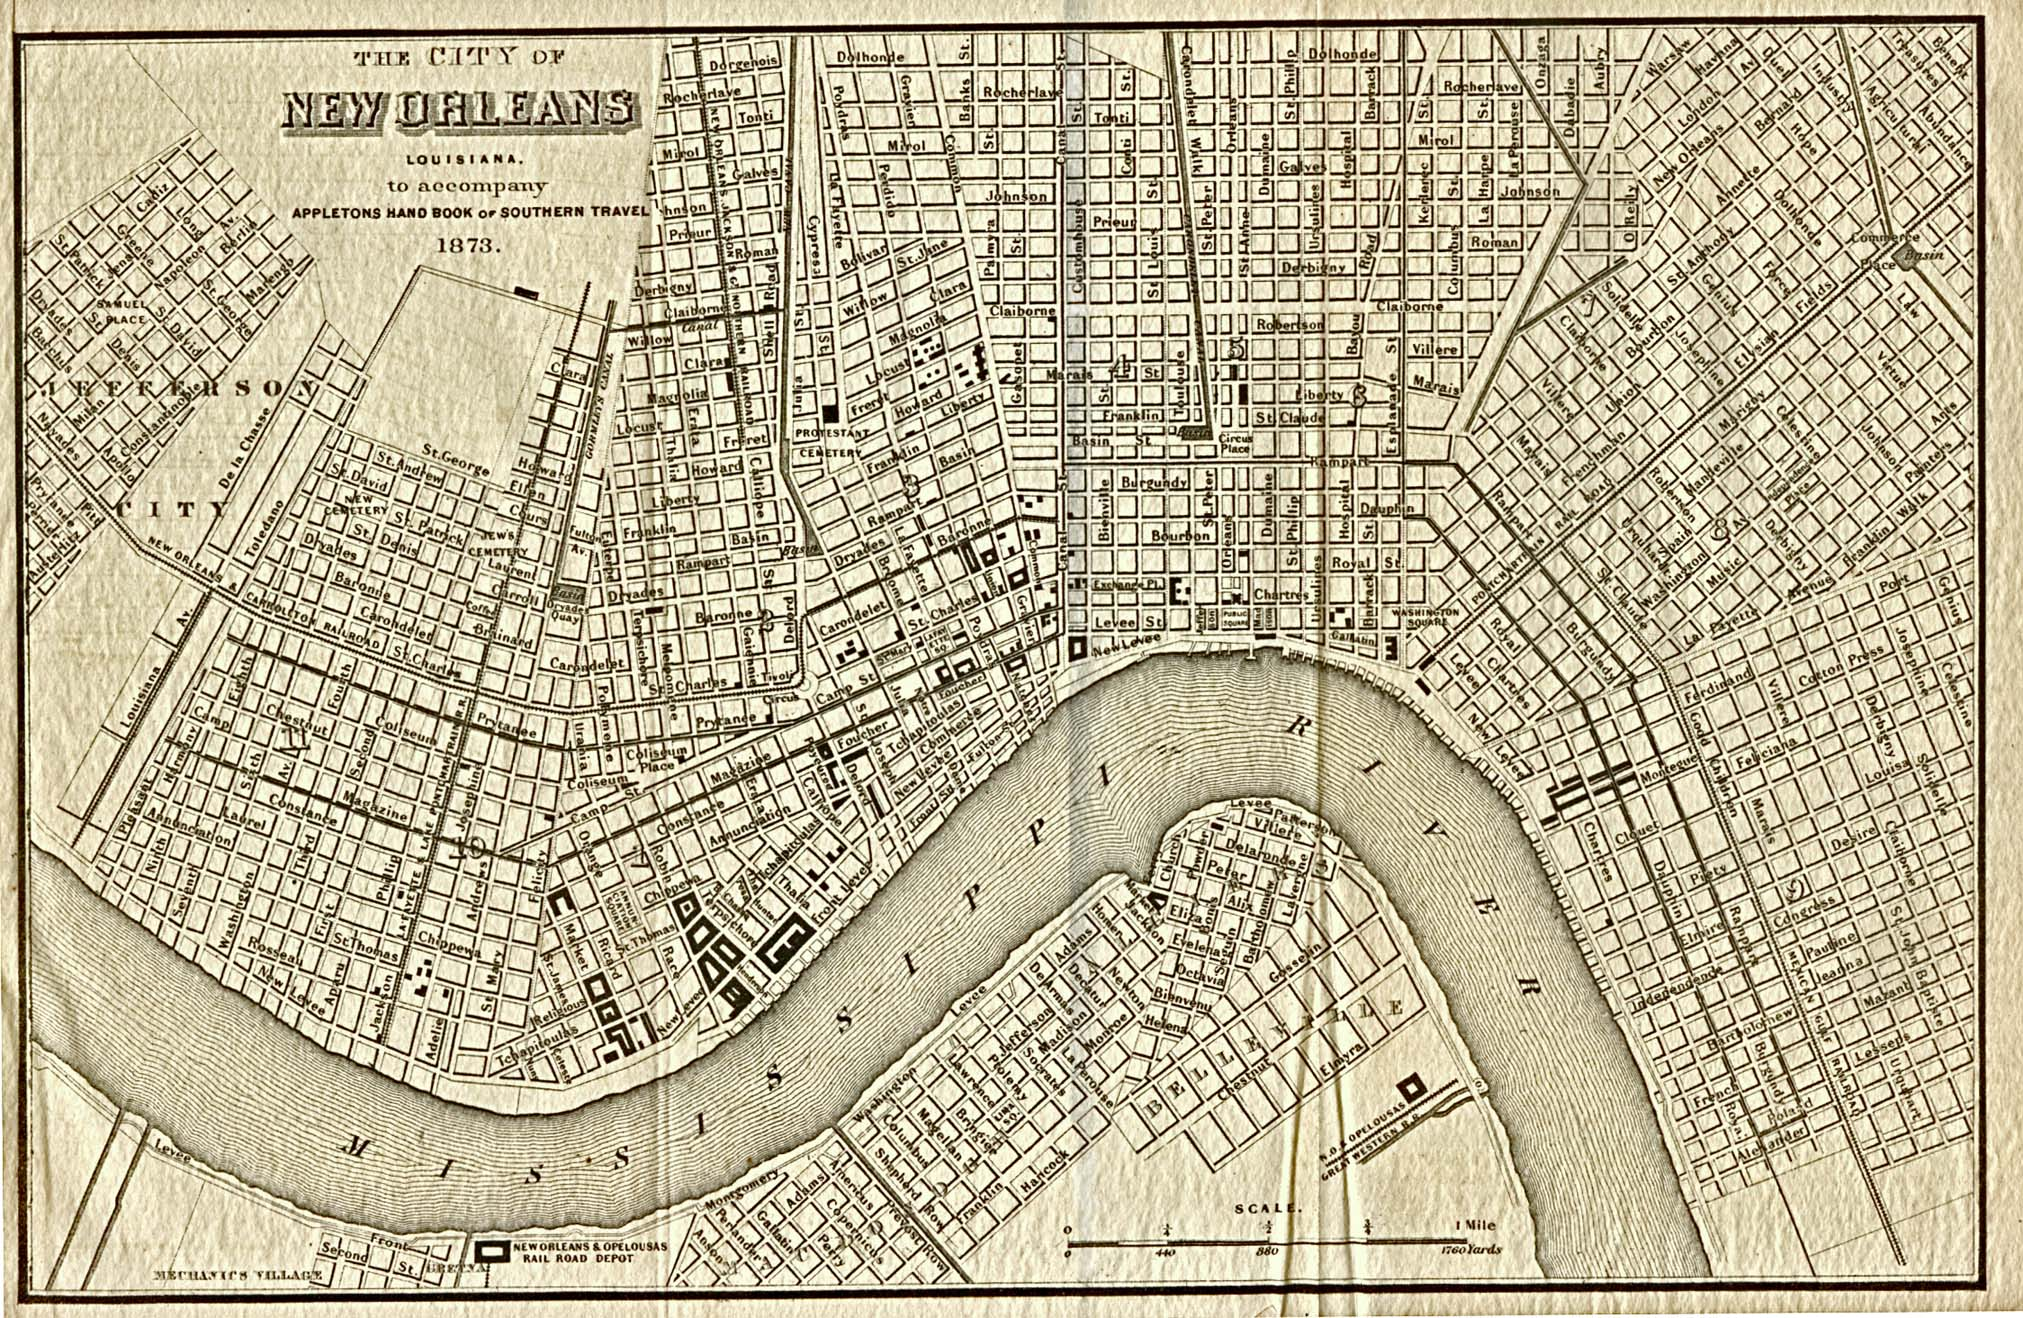 Mapa de la Ciudad de Nueva Orleans, Luisiana, Estados Unidos 1873